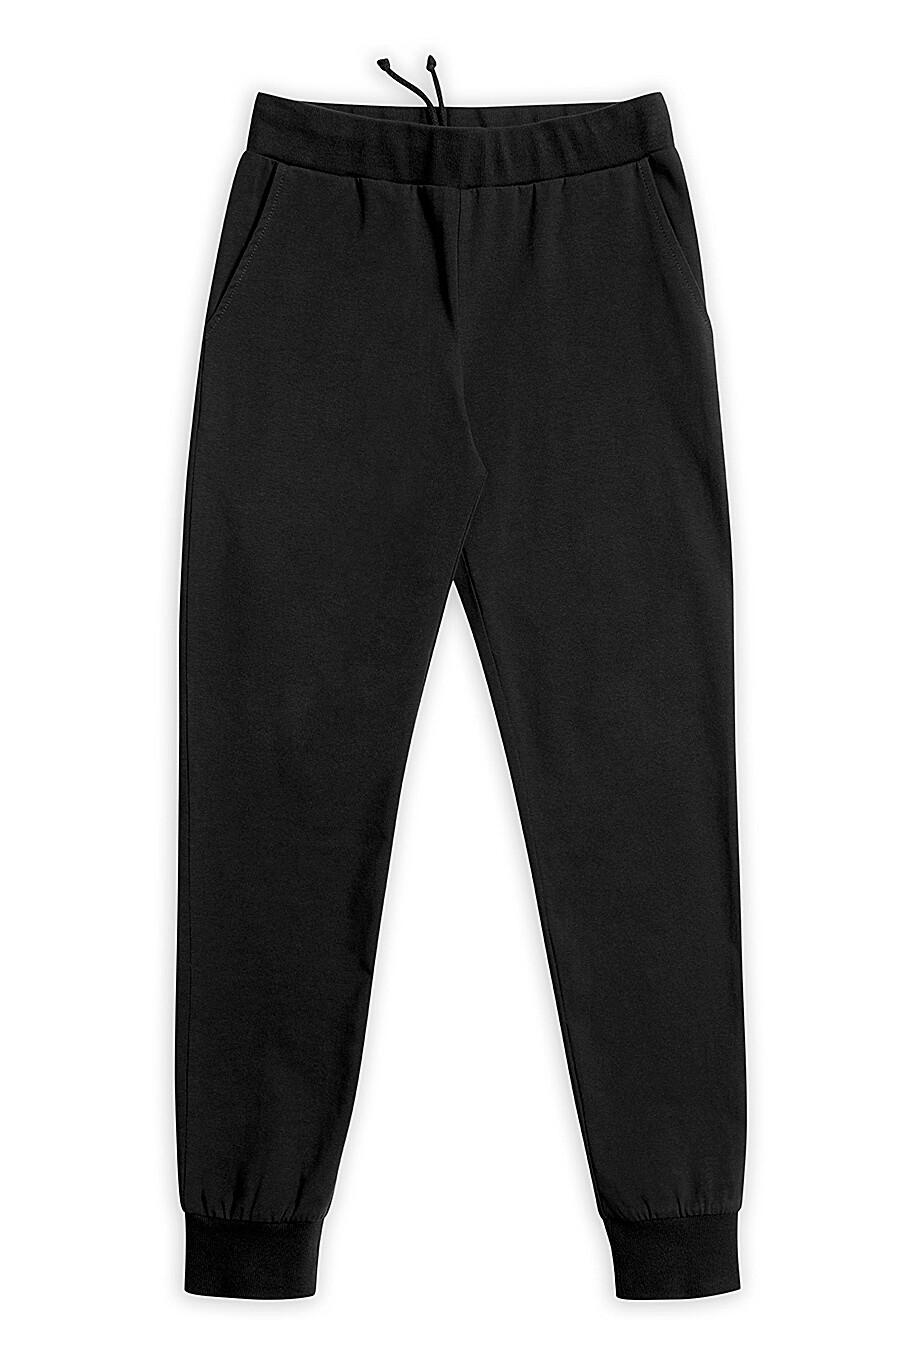 Брюки для мальчиков PELICAN 218593 купить оптом от производителя. Совместная покупка детской одежды в OptMoyo